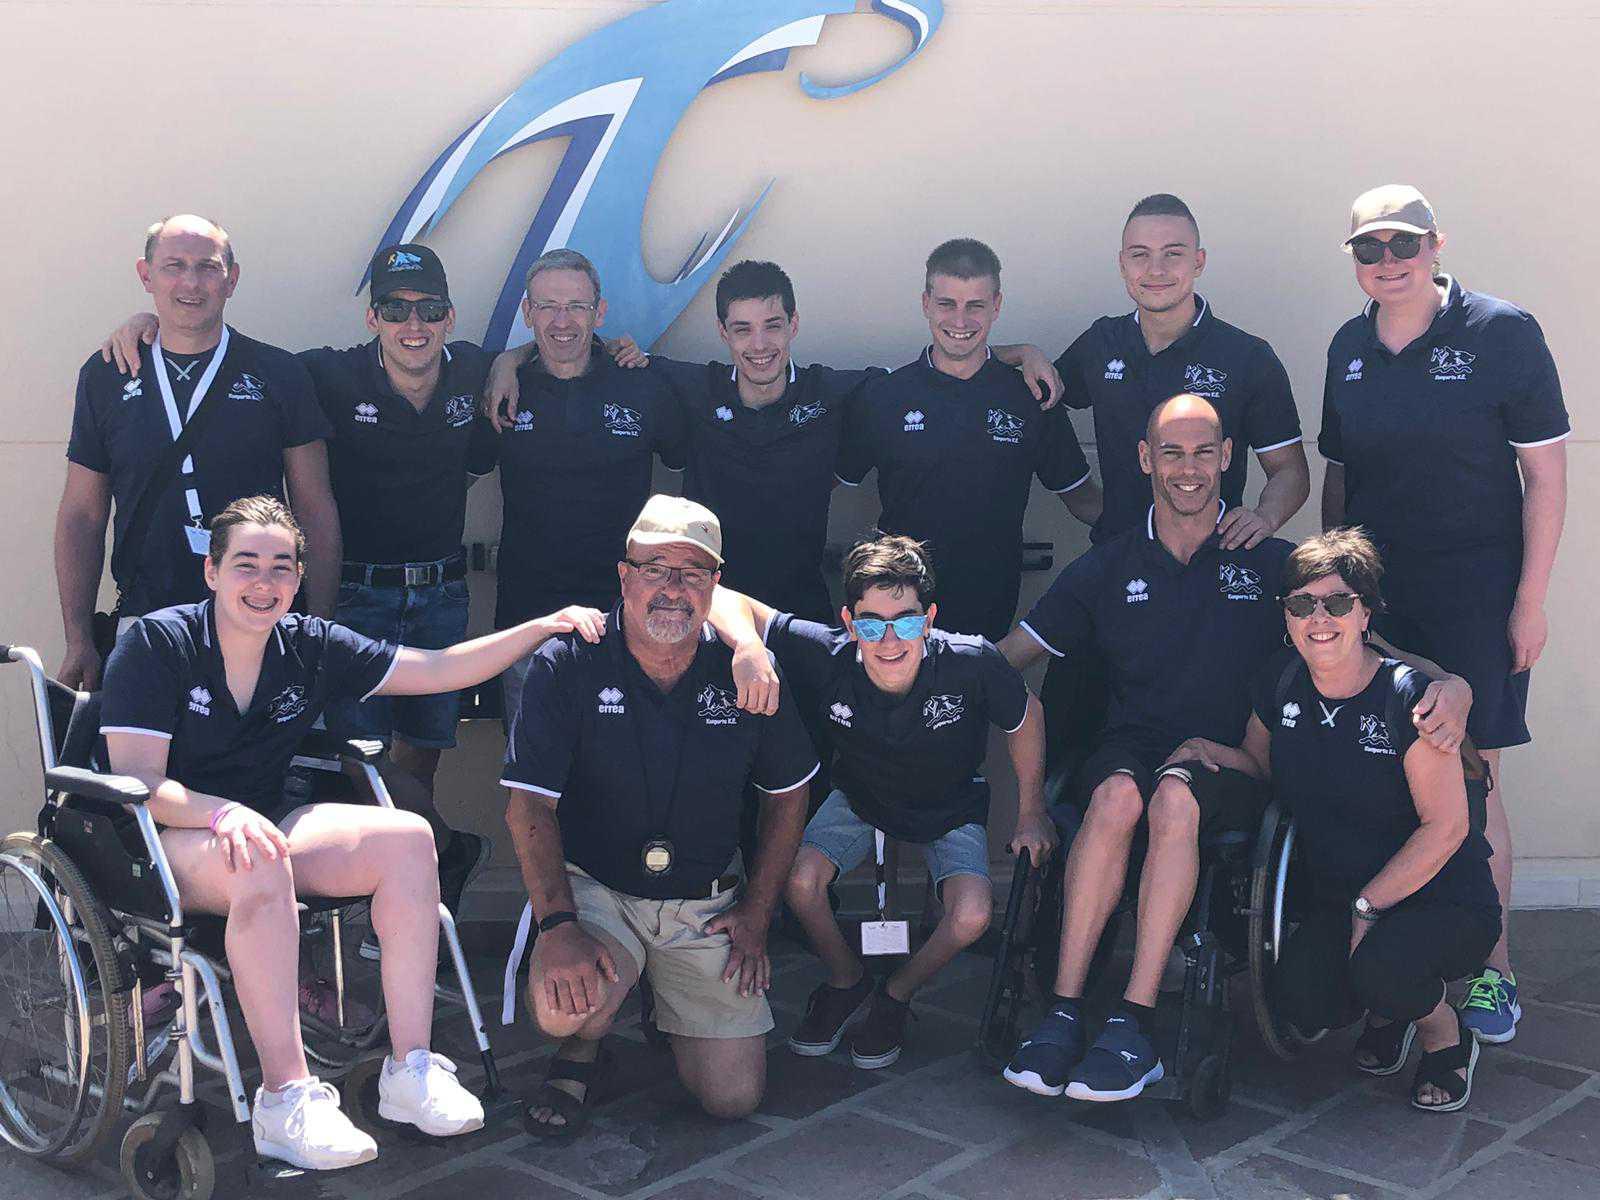 Konporta logra el 6º puesto en el Estatal de Tenerife - Konporta